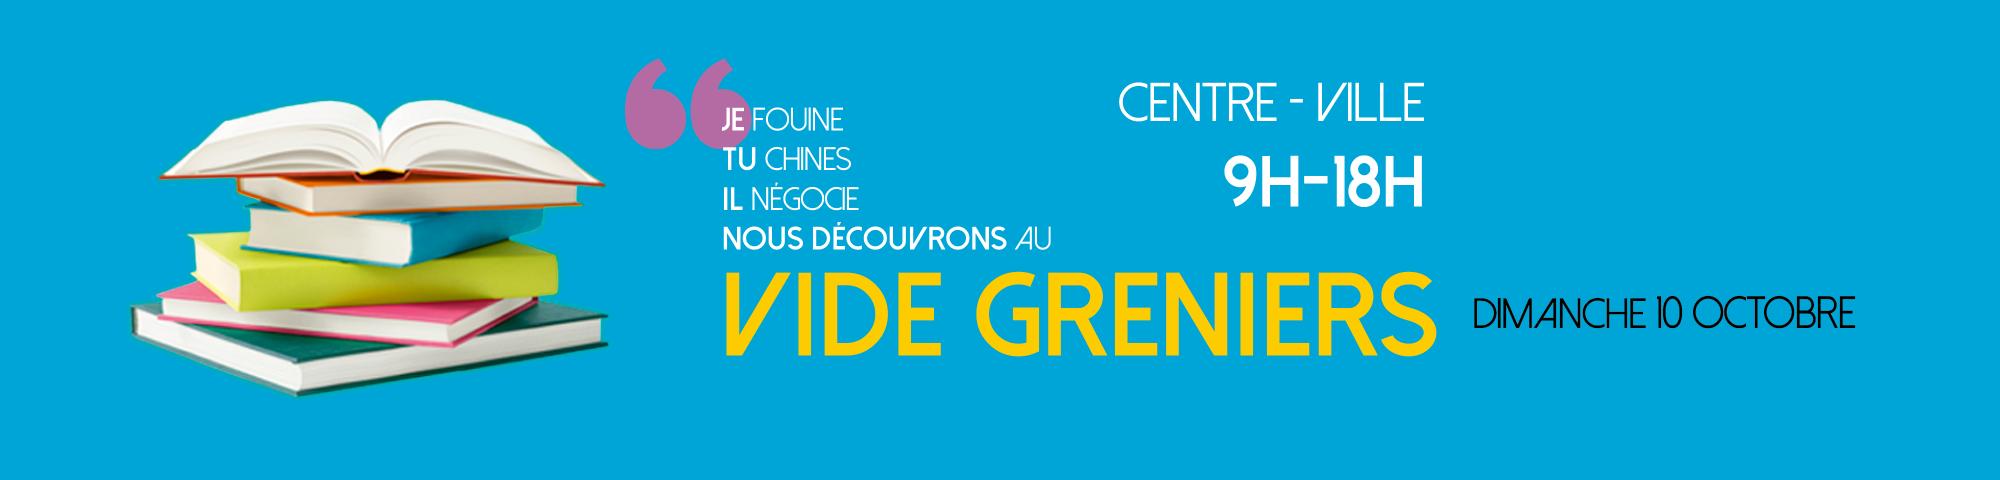 VIDE-GRENIERS D'AUTOMNE